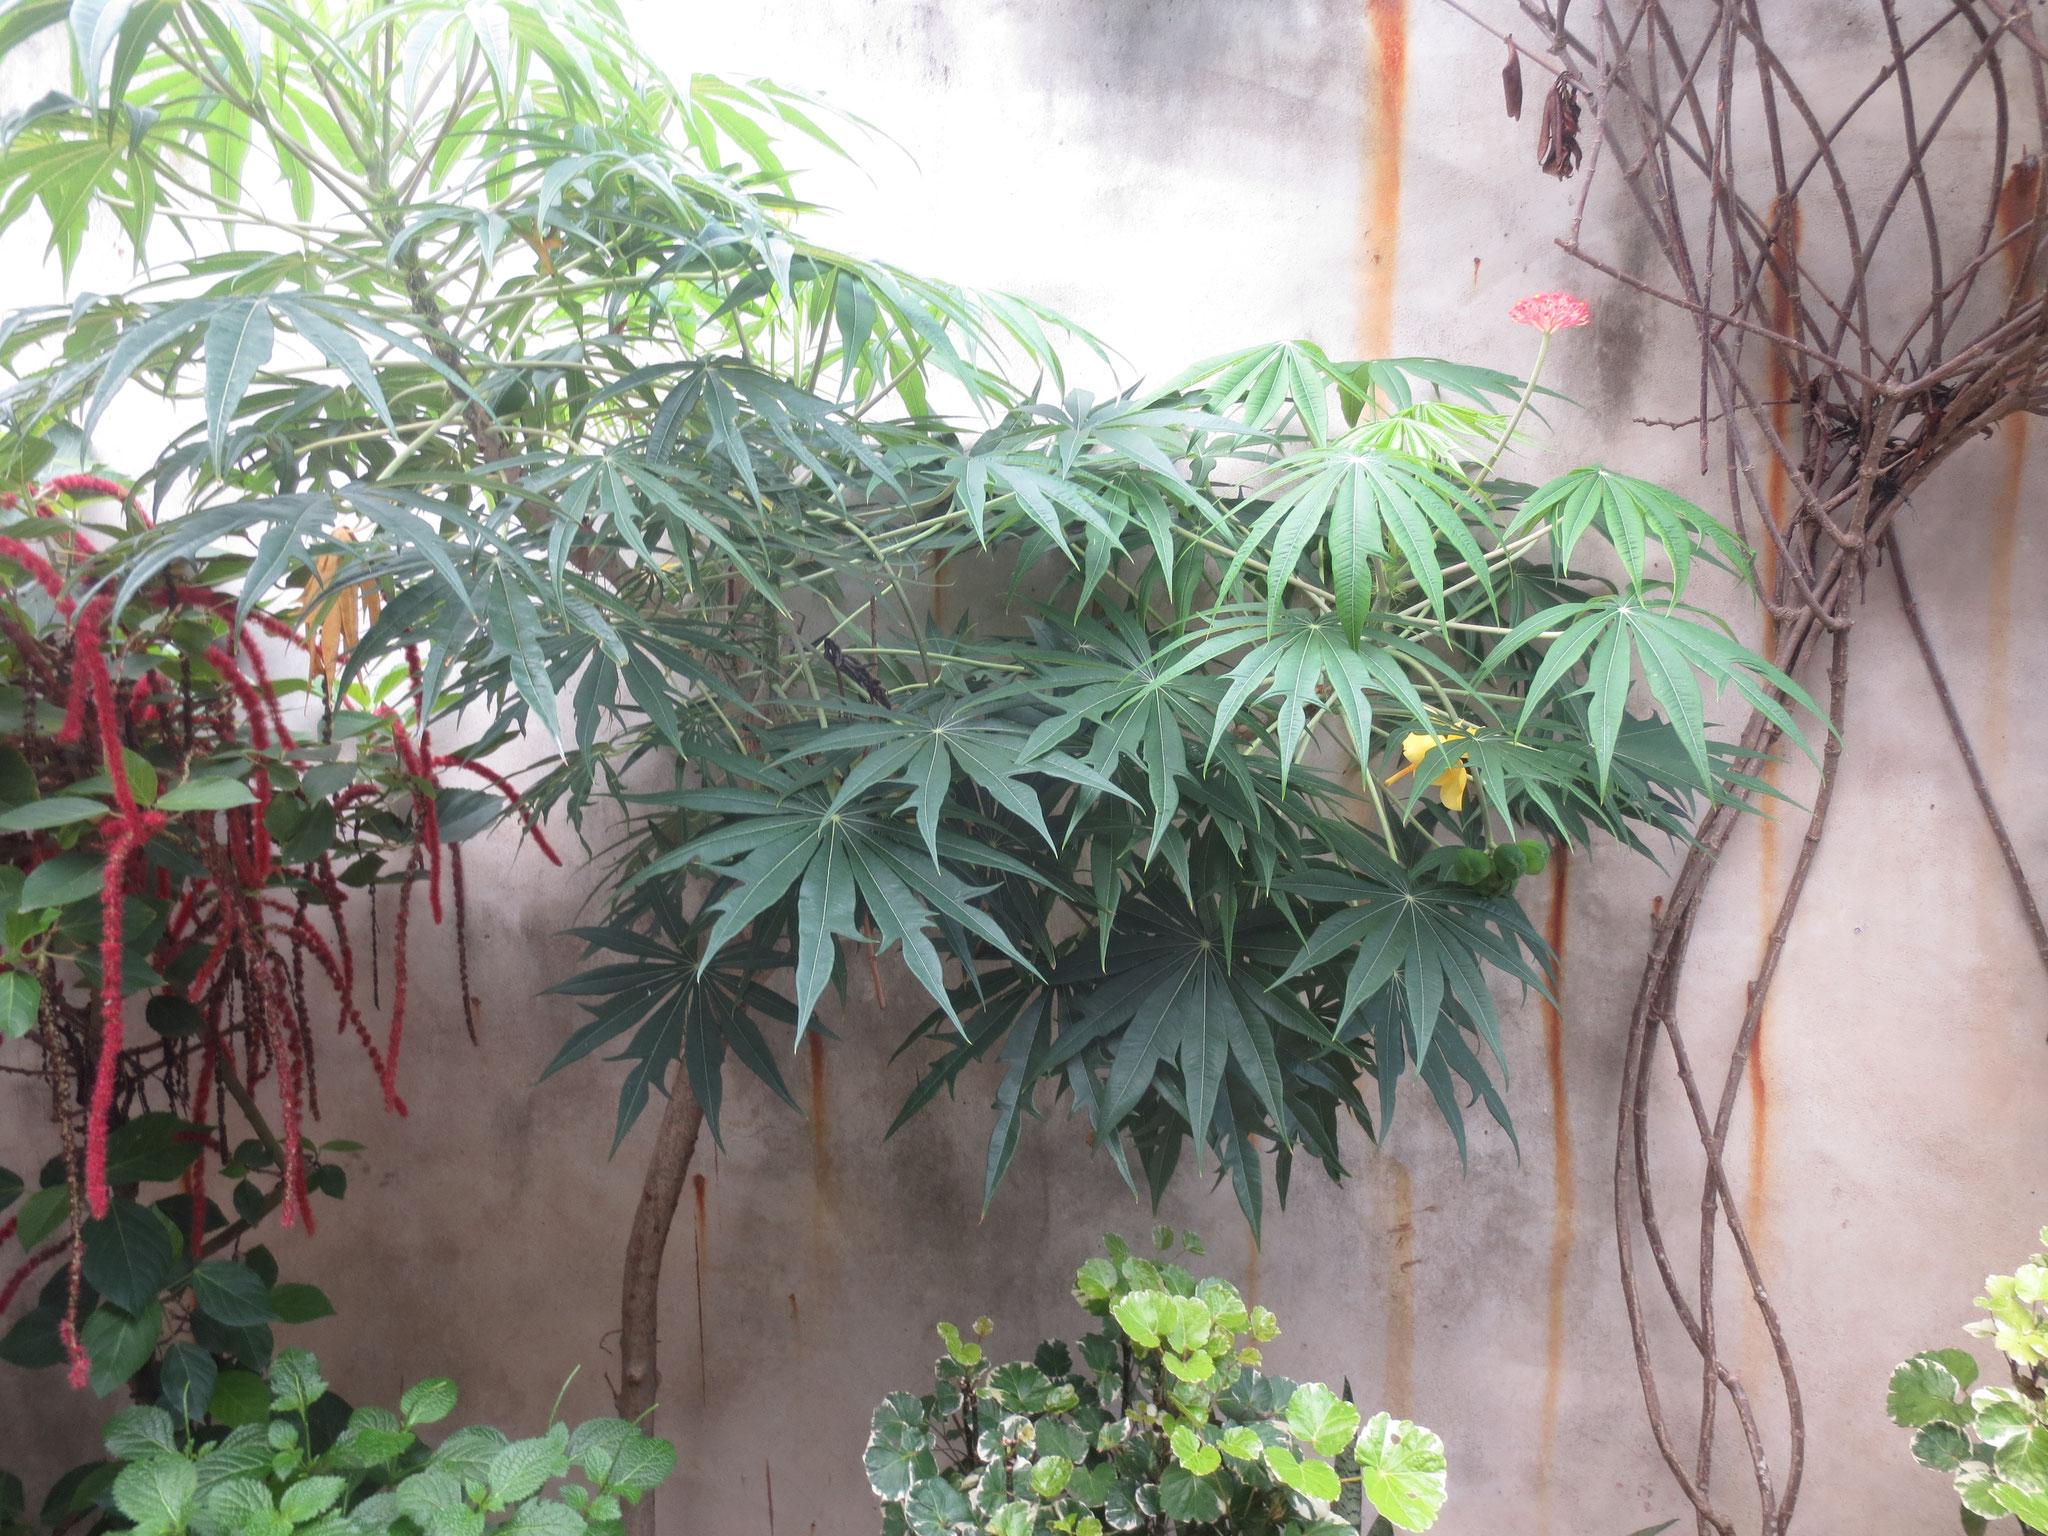 Das ist nicht Canabis. Diese Pflanze ist sehr einfach zum vermehren.